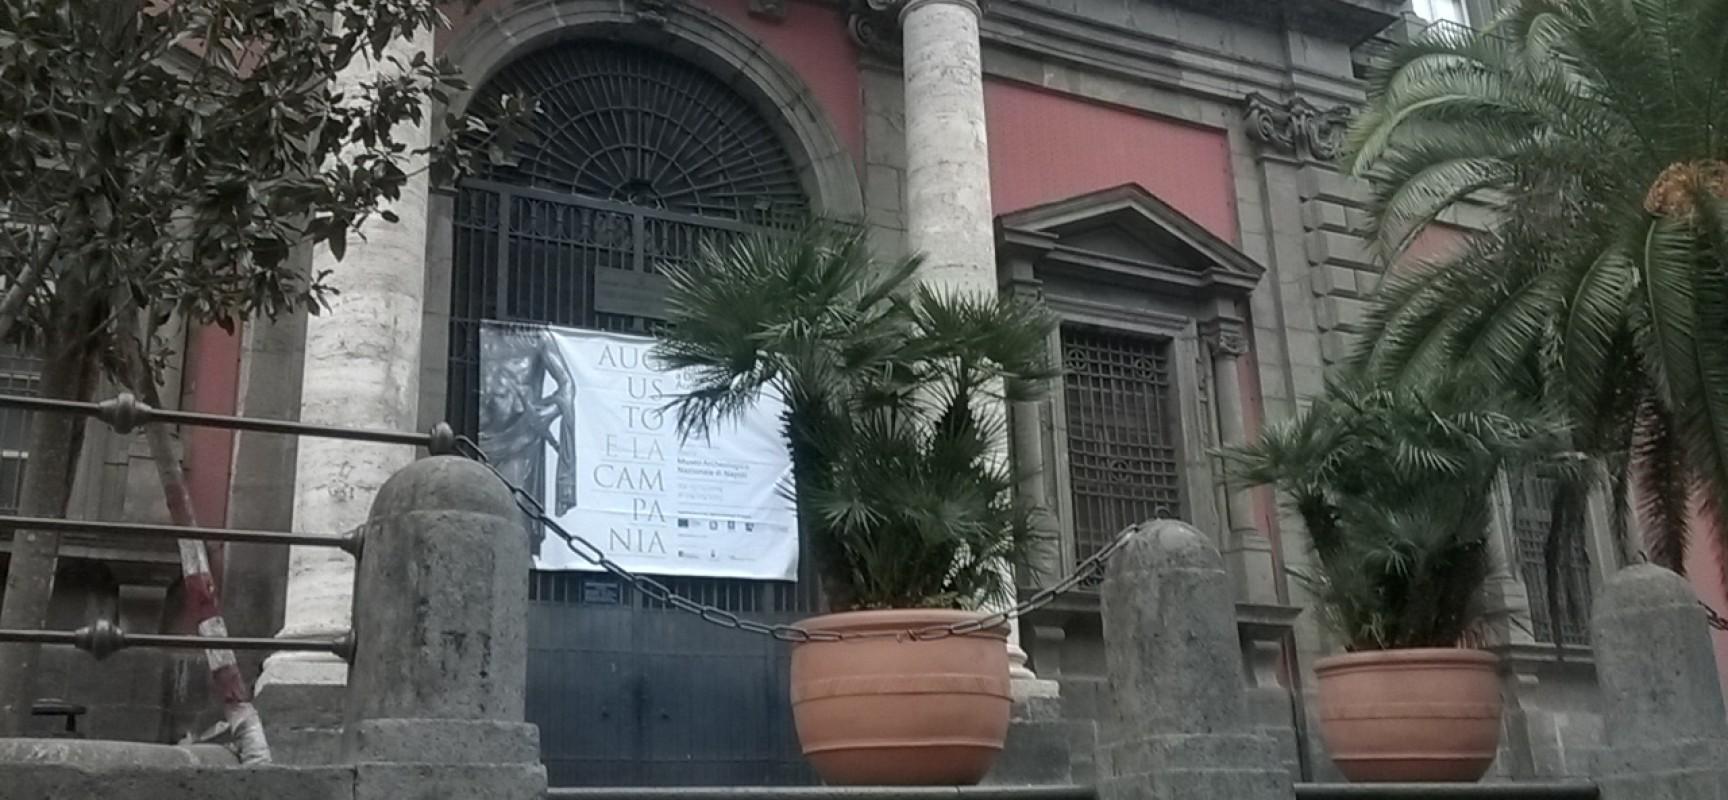 #domenichemuseigratis, dove in Campania